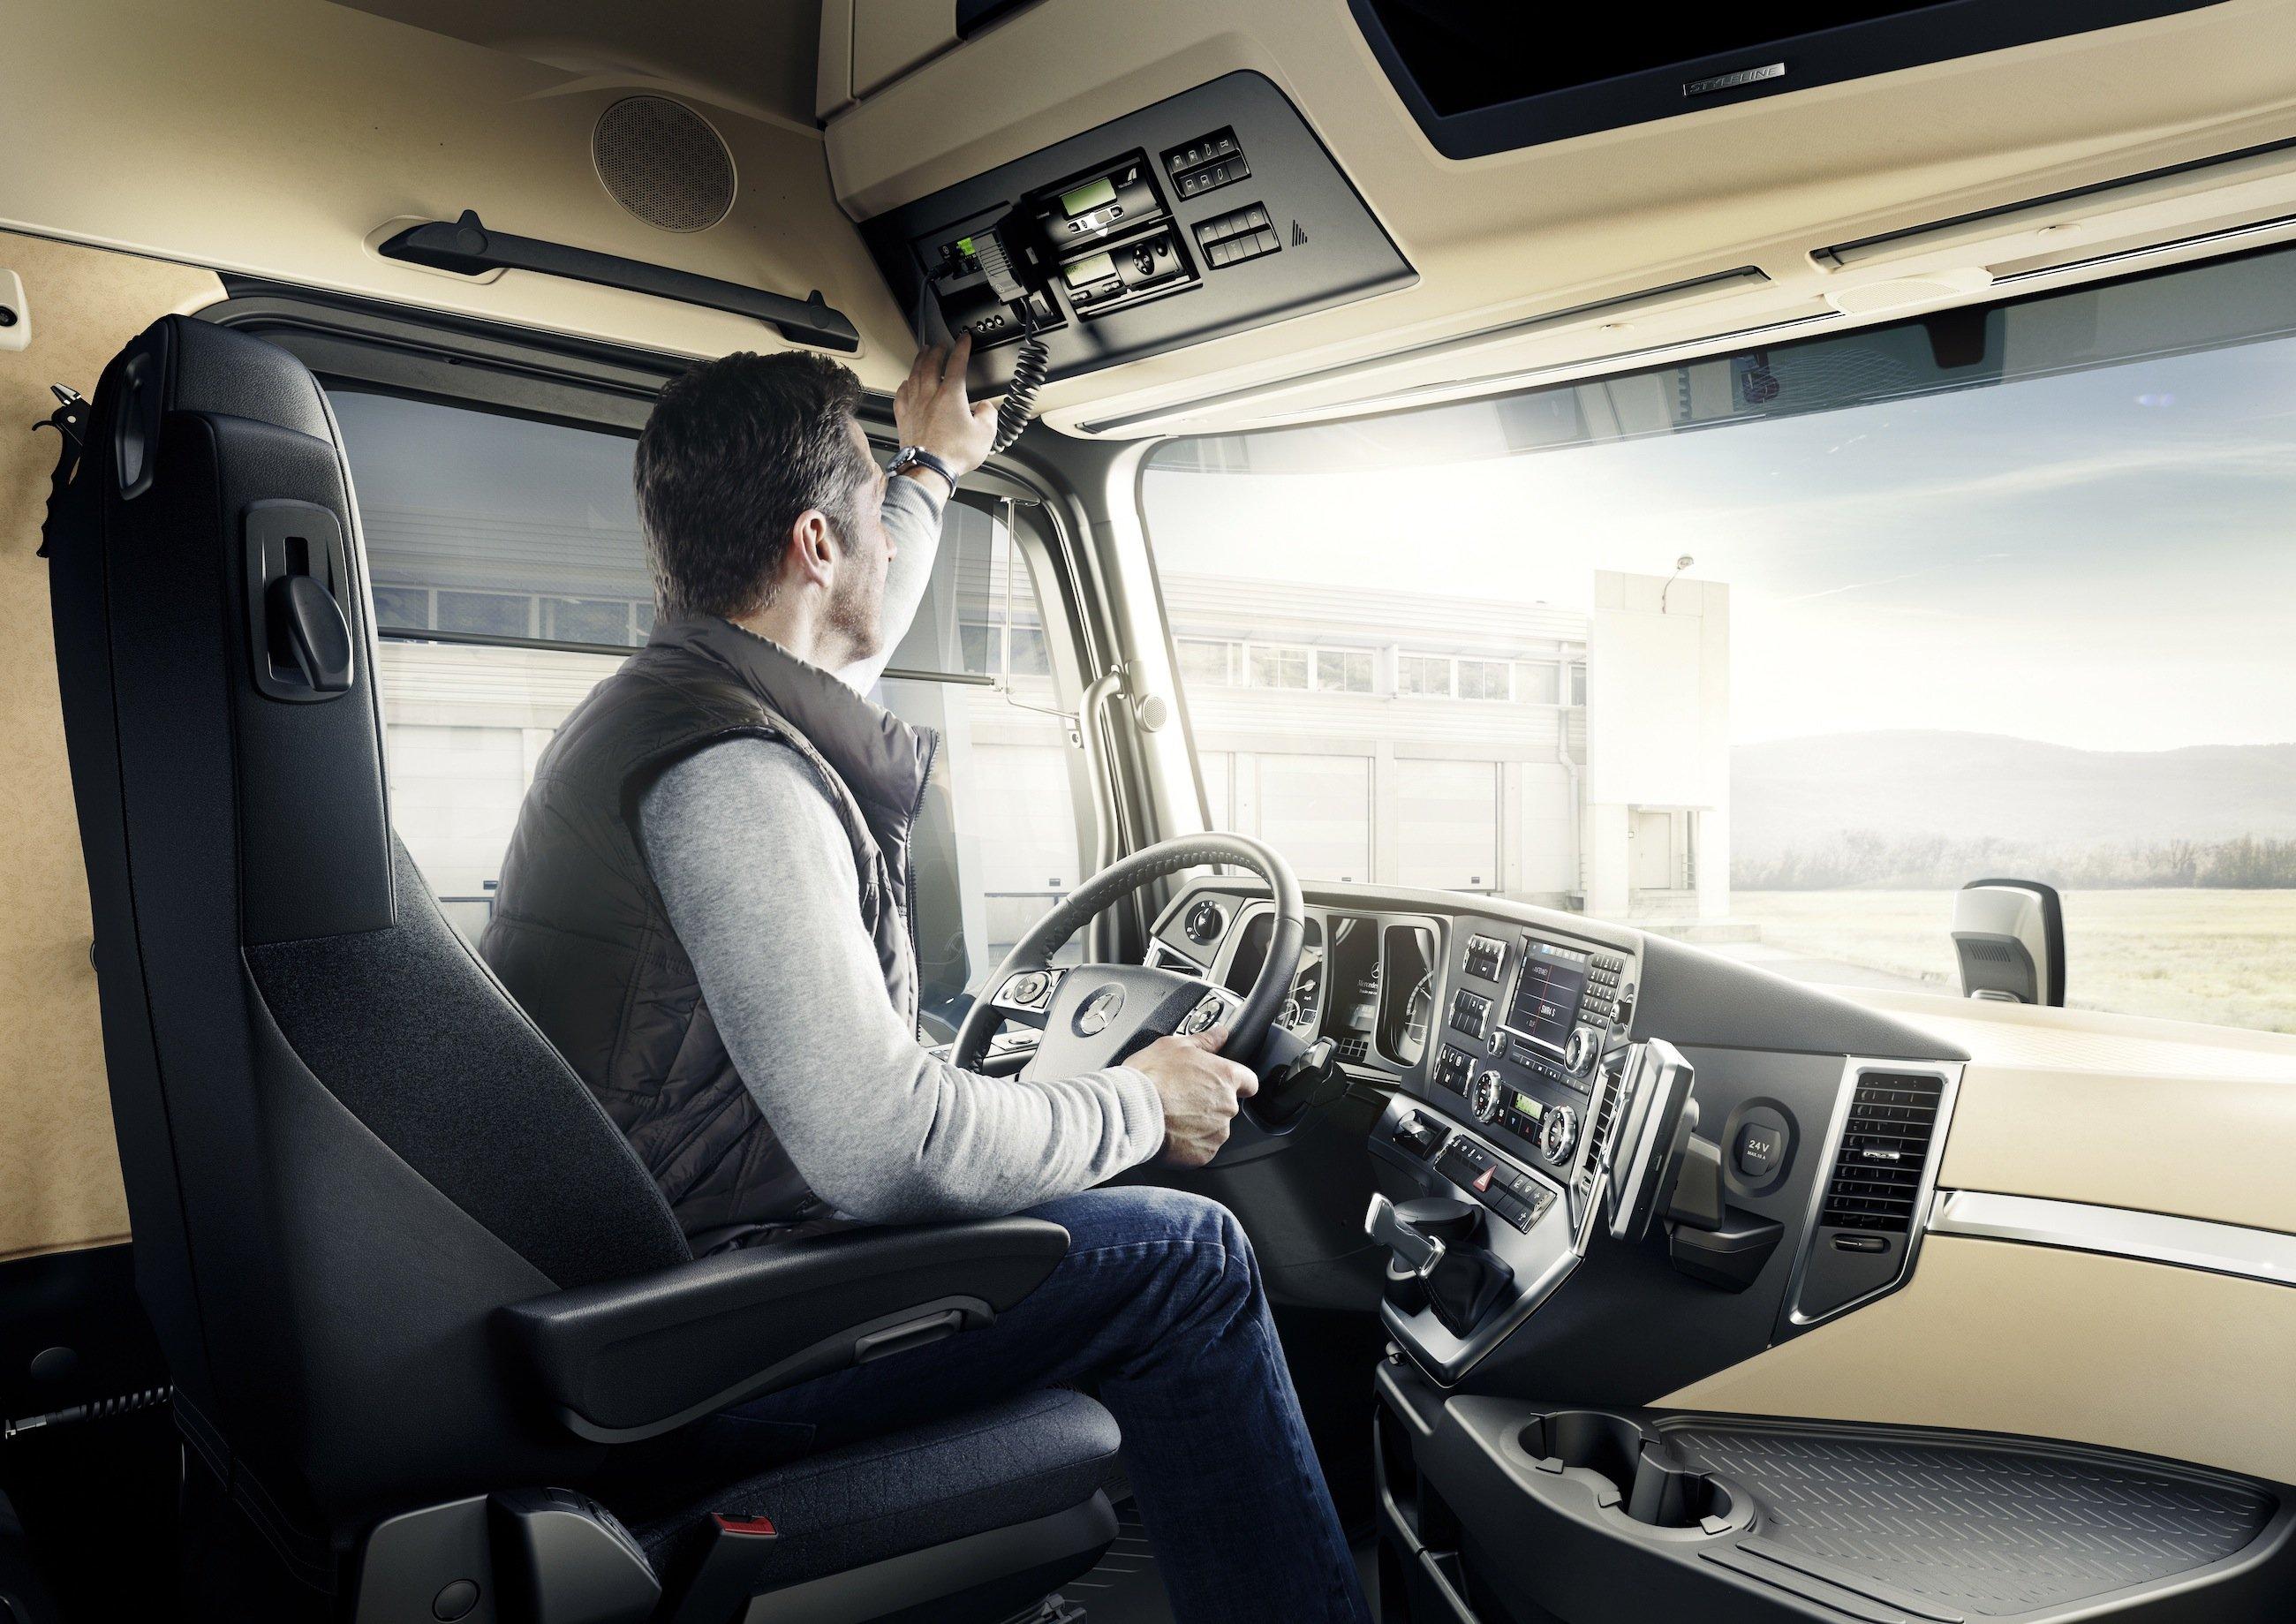 Sitzsystem im Mercedes Actros: Forscher desFraunhofer Instituts für Silicatforschung ISC in Würzburg und des SitzherstellersIsringhausen wollen auf der IAA im September einen Sitz vorstellen, der individuelle Einstellungen für verschiedene Fahrer speichern kann.